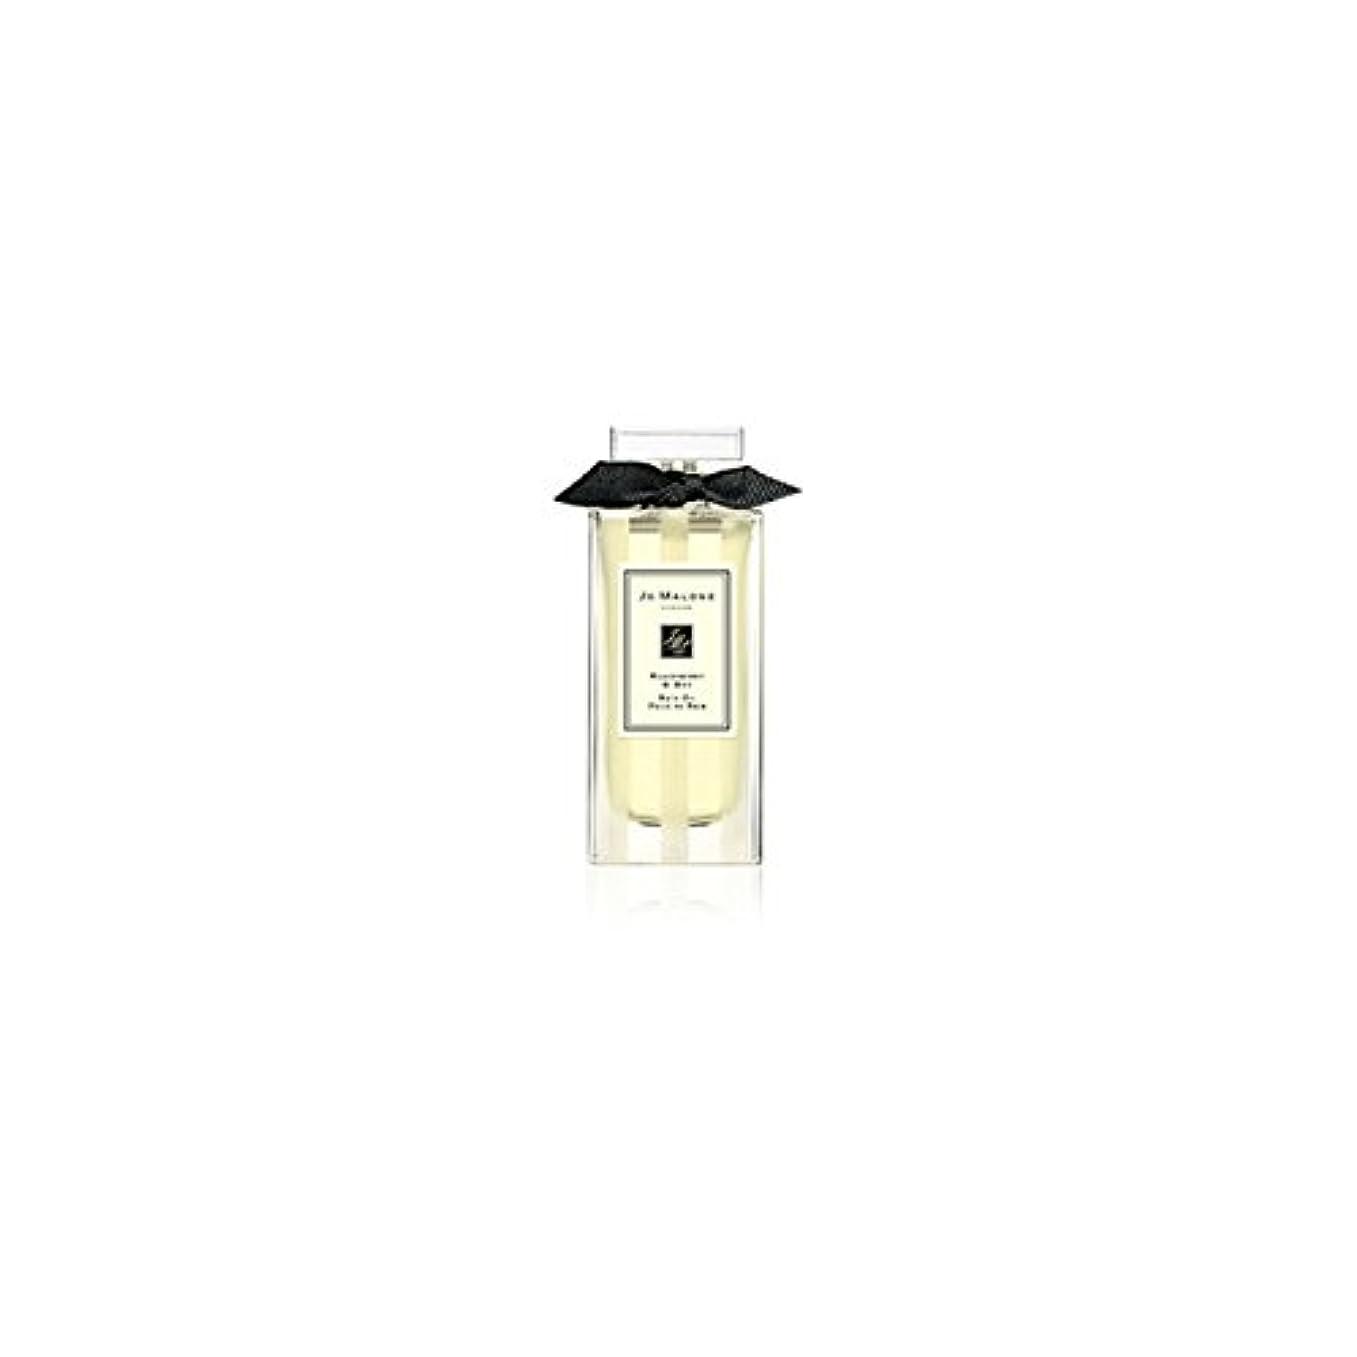 コンテストテキスト恨みJo Malone Blackberry & Bay Bath Oil - 30ml (Pack of 2) - ジョーマローンブラックベリー&ベイバスオイル - 30ミリリットル (x2) [並行輸入品]